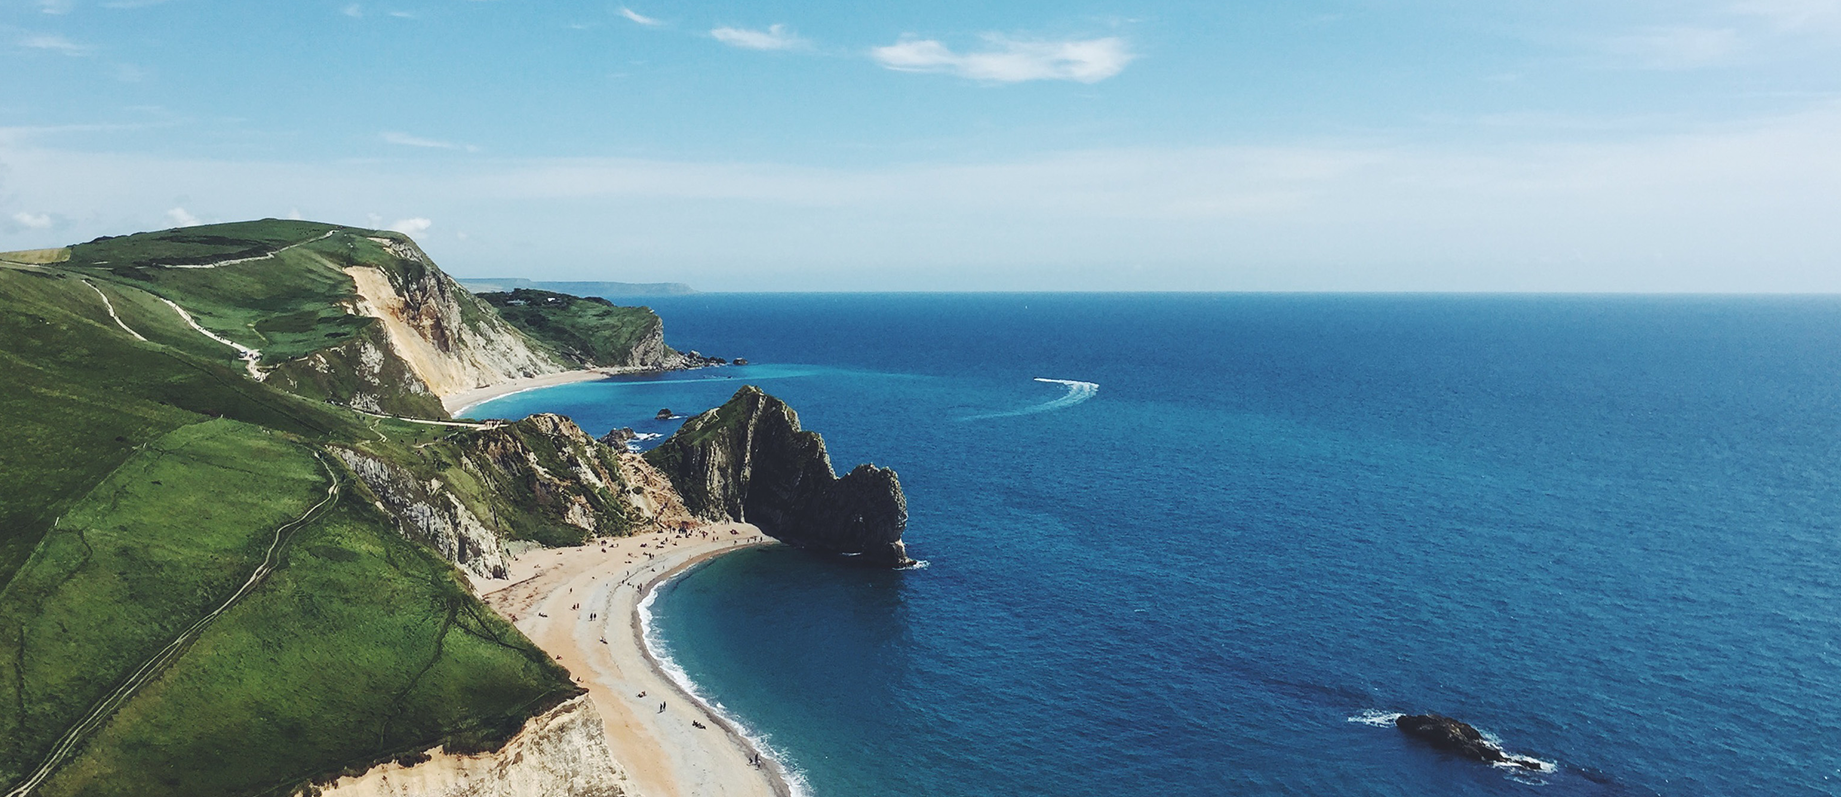 M.S. Tuno: Artikler om rejser og natur